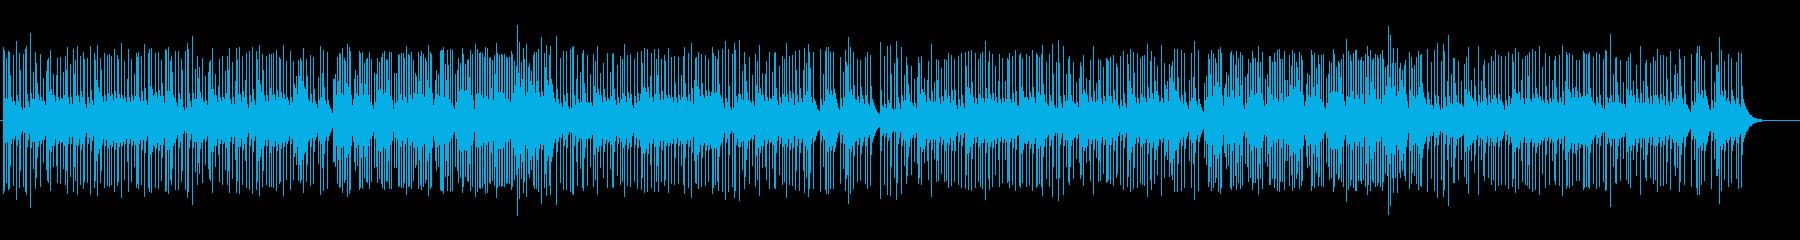 思い出が蘇るようなBGMの再生済みの波形